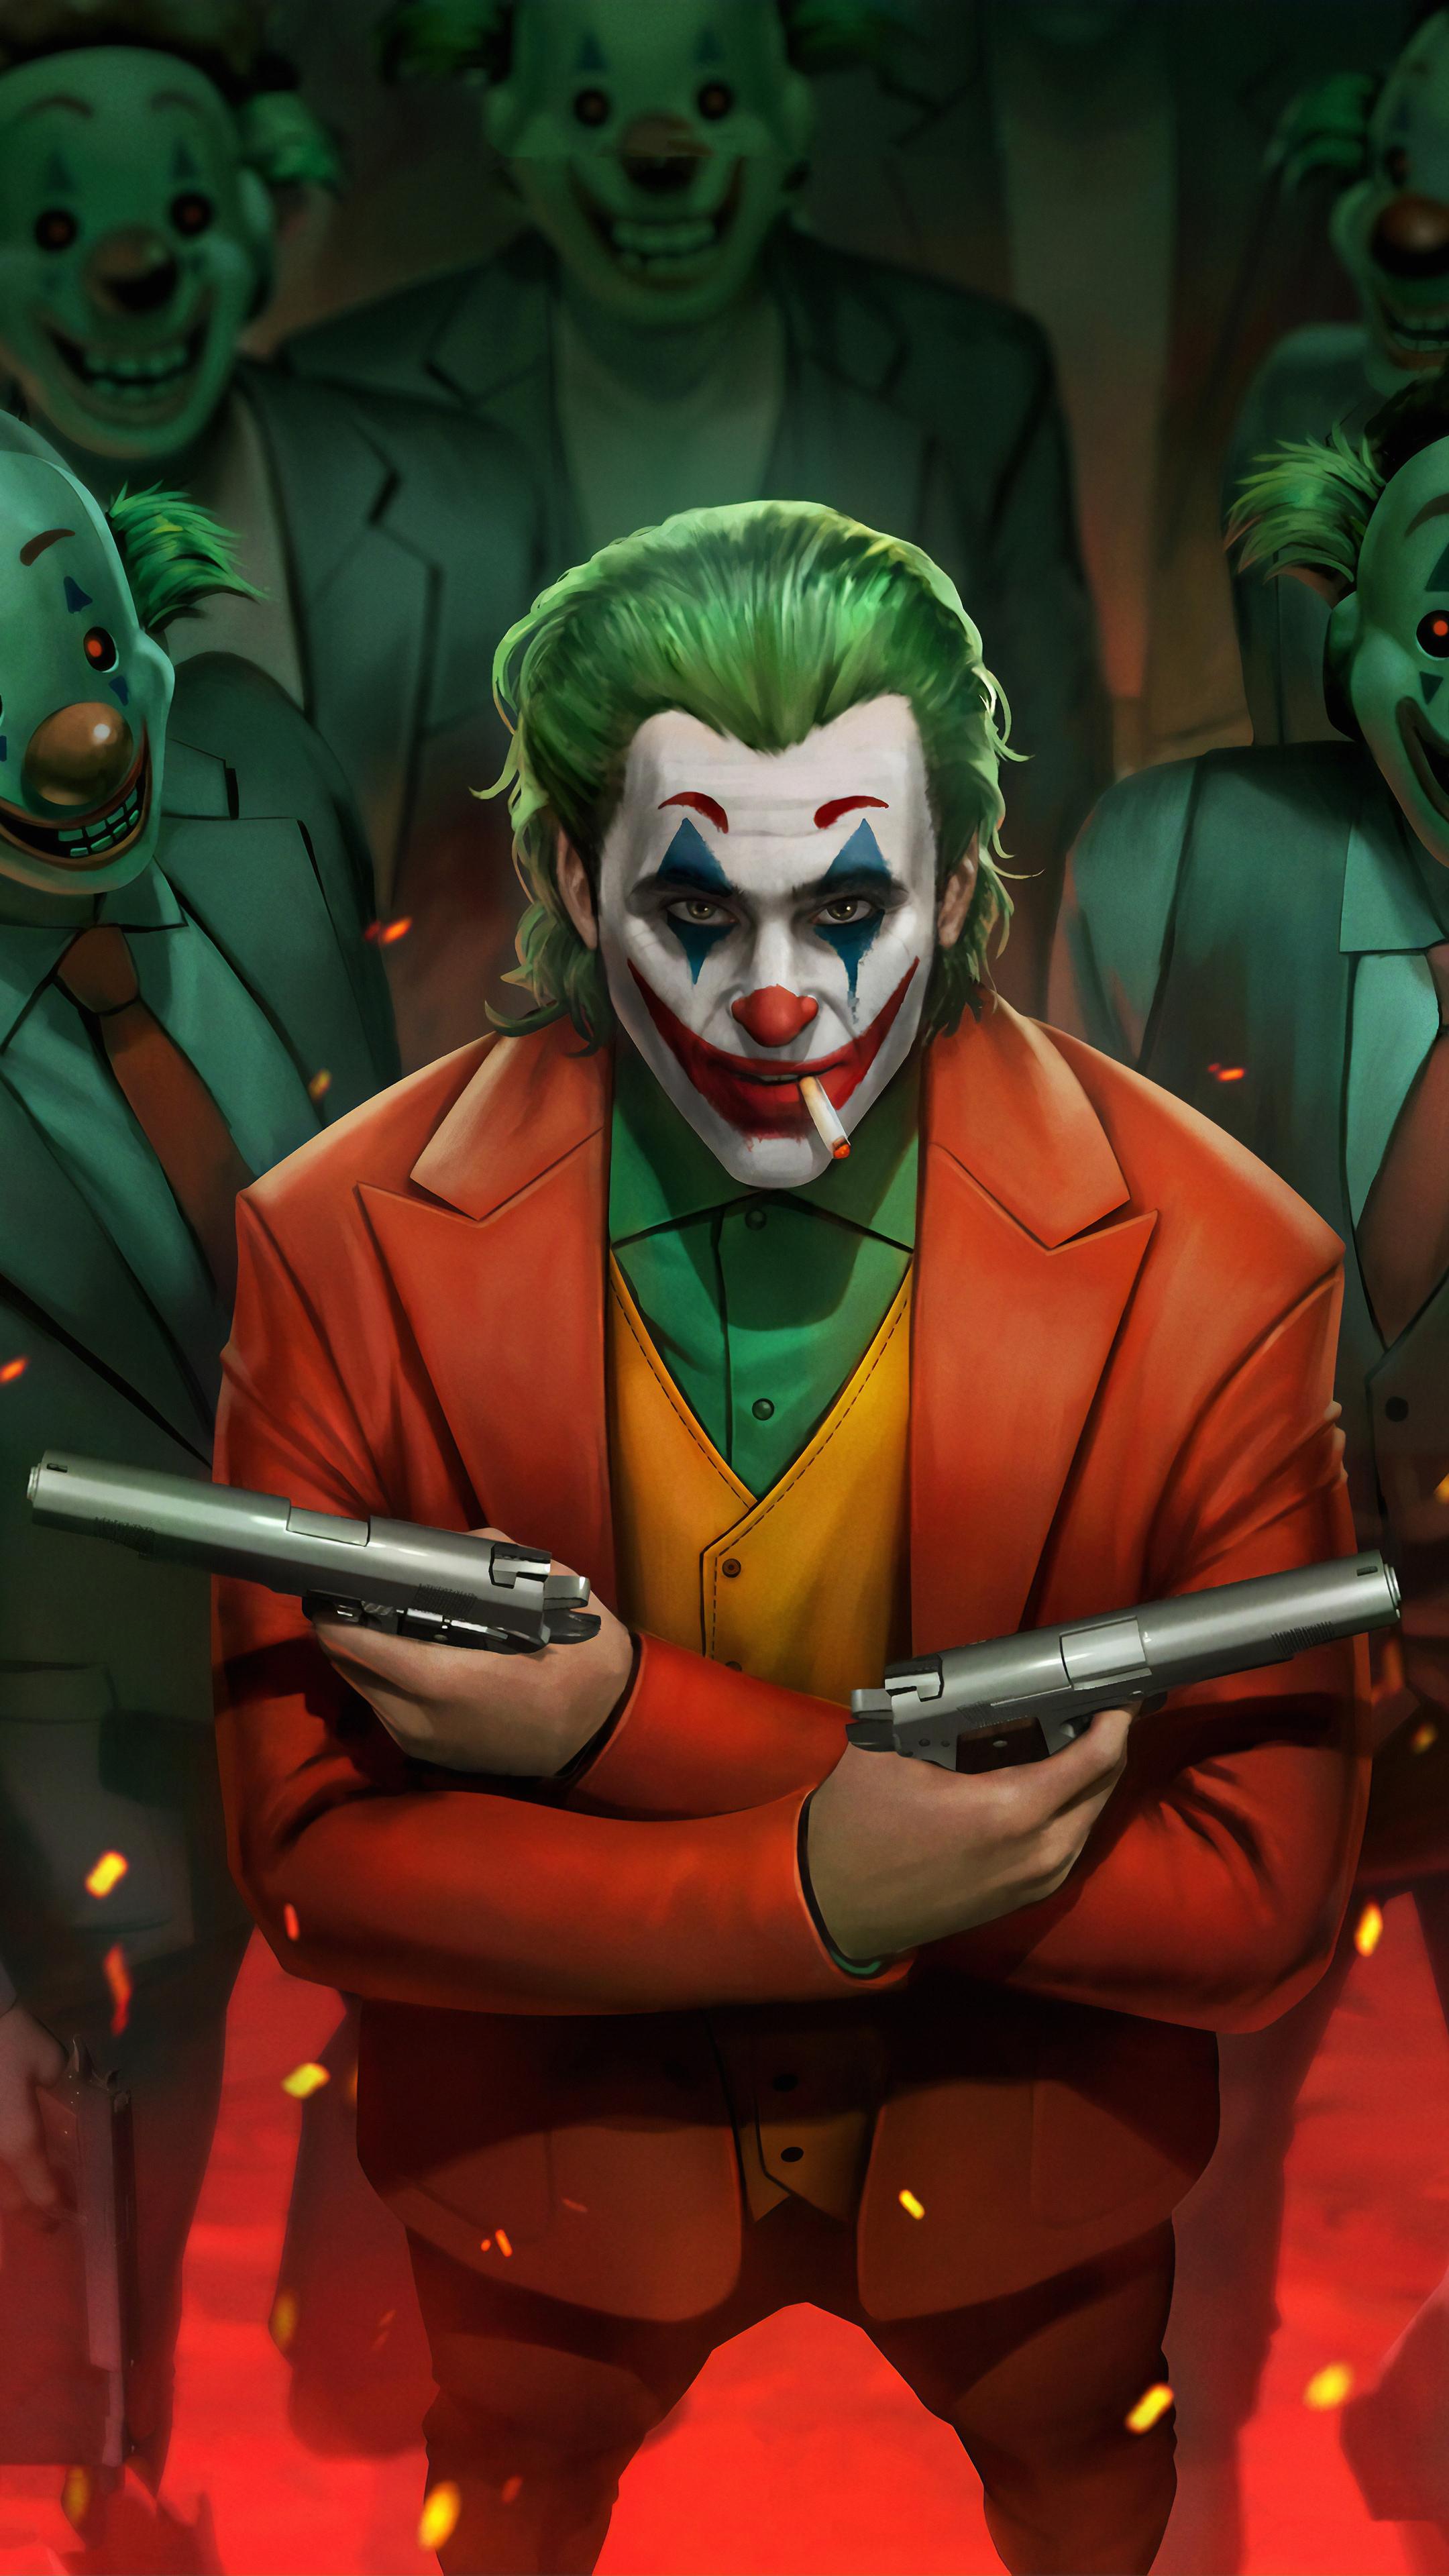 2160x3840 Joker Movie Art 4k Sony Xperia X,XZ,Z5 Premium ...